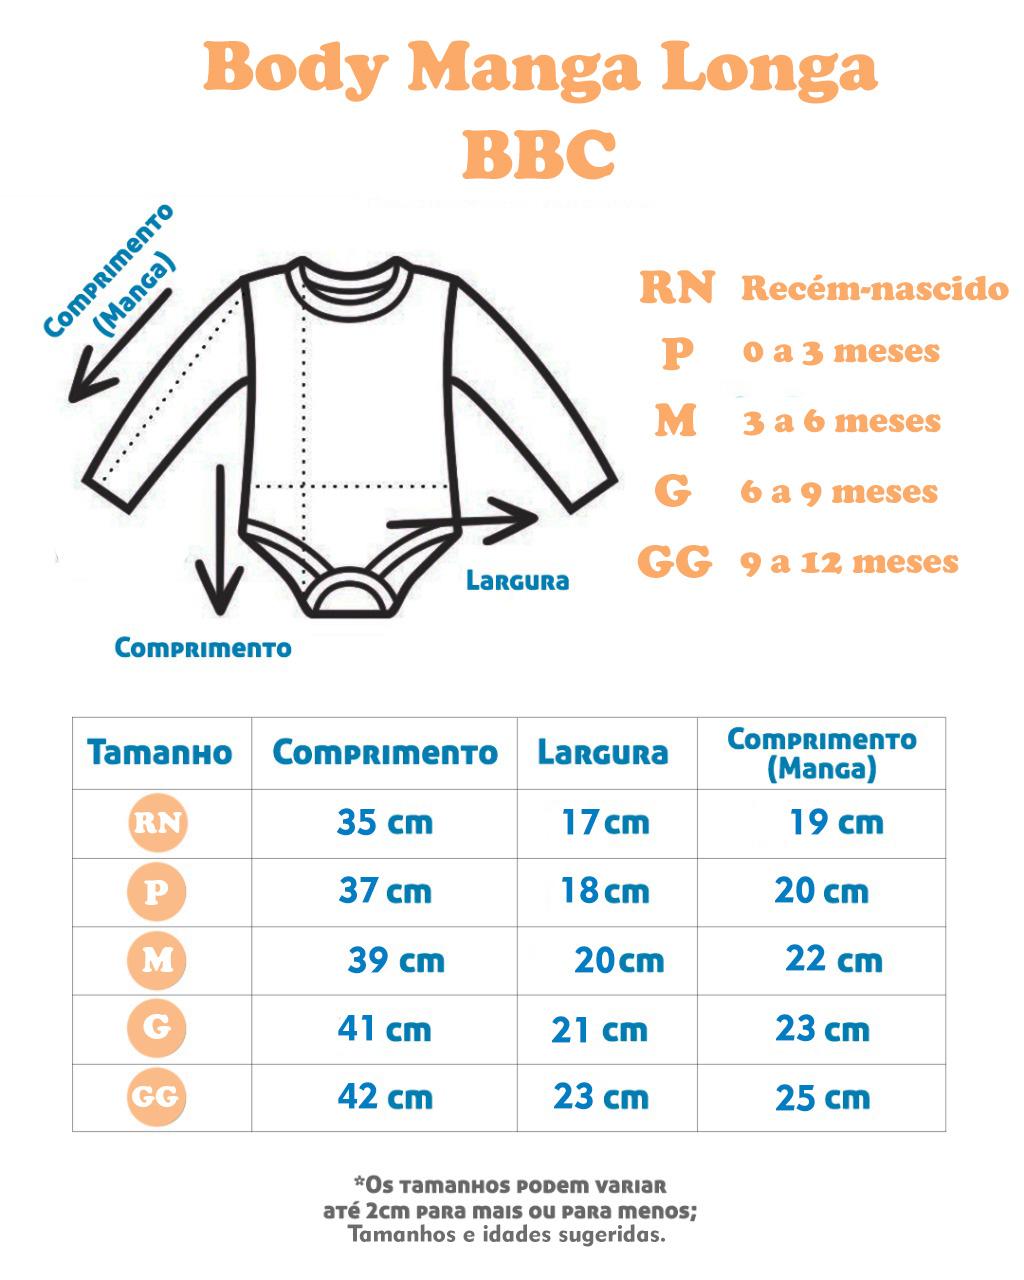 Body Manga Longa Baby (RN/P/M/G/GG)